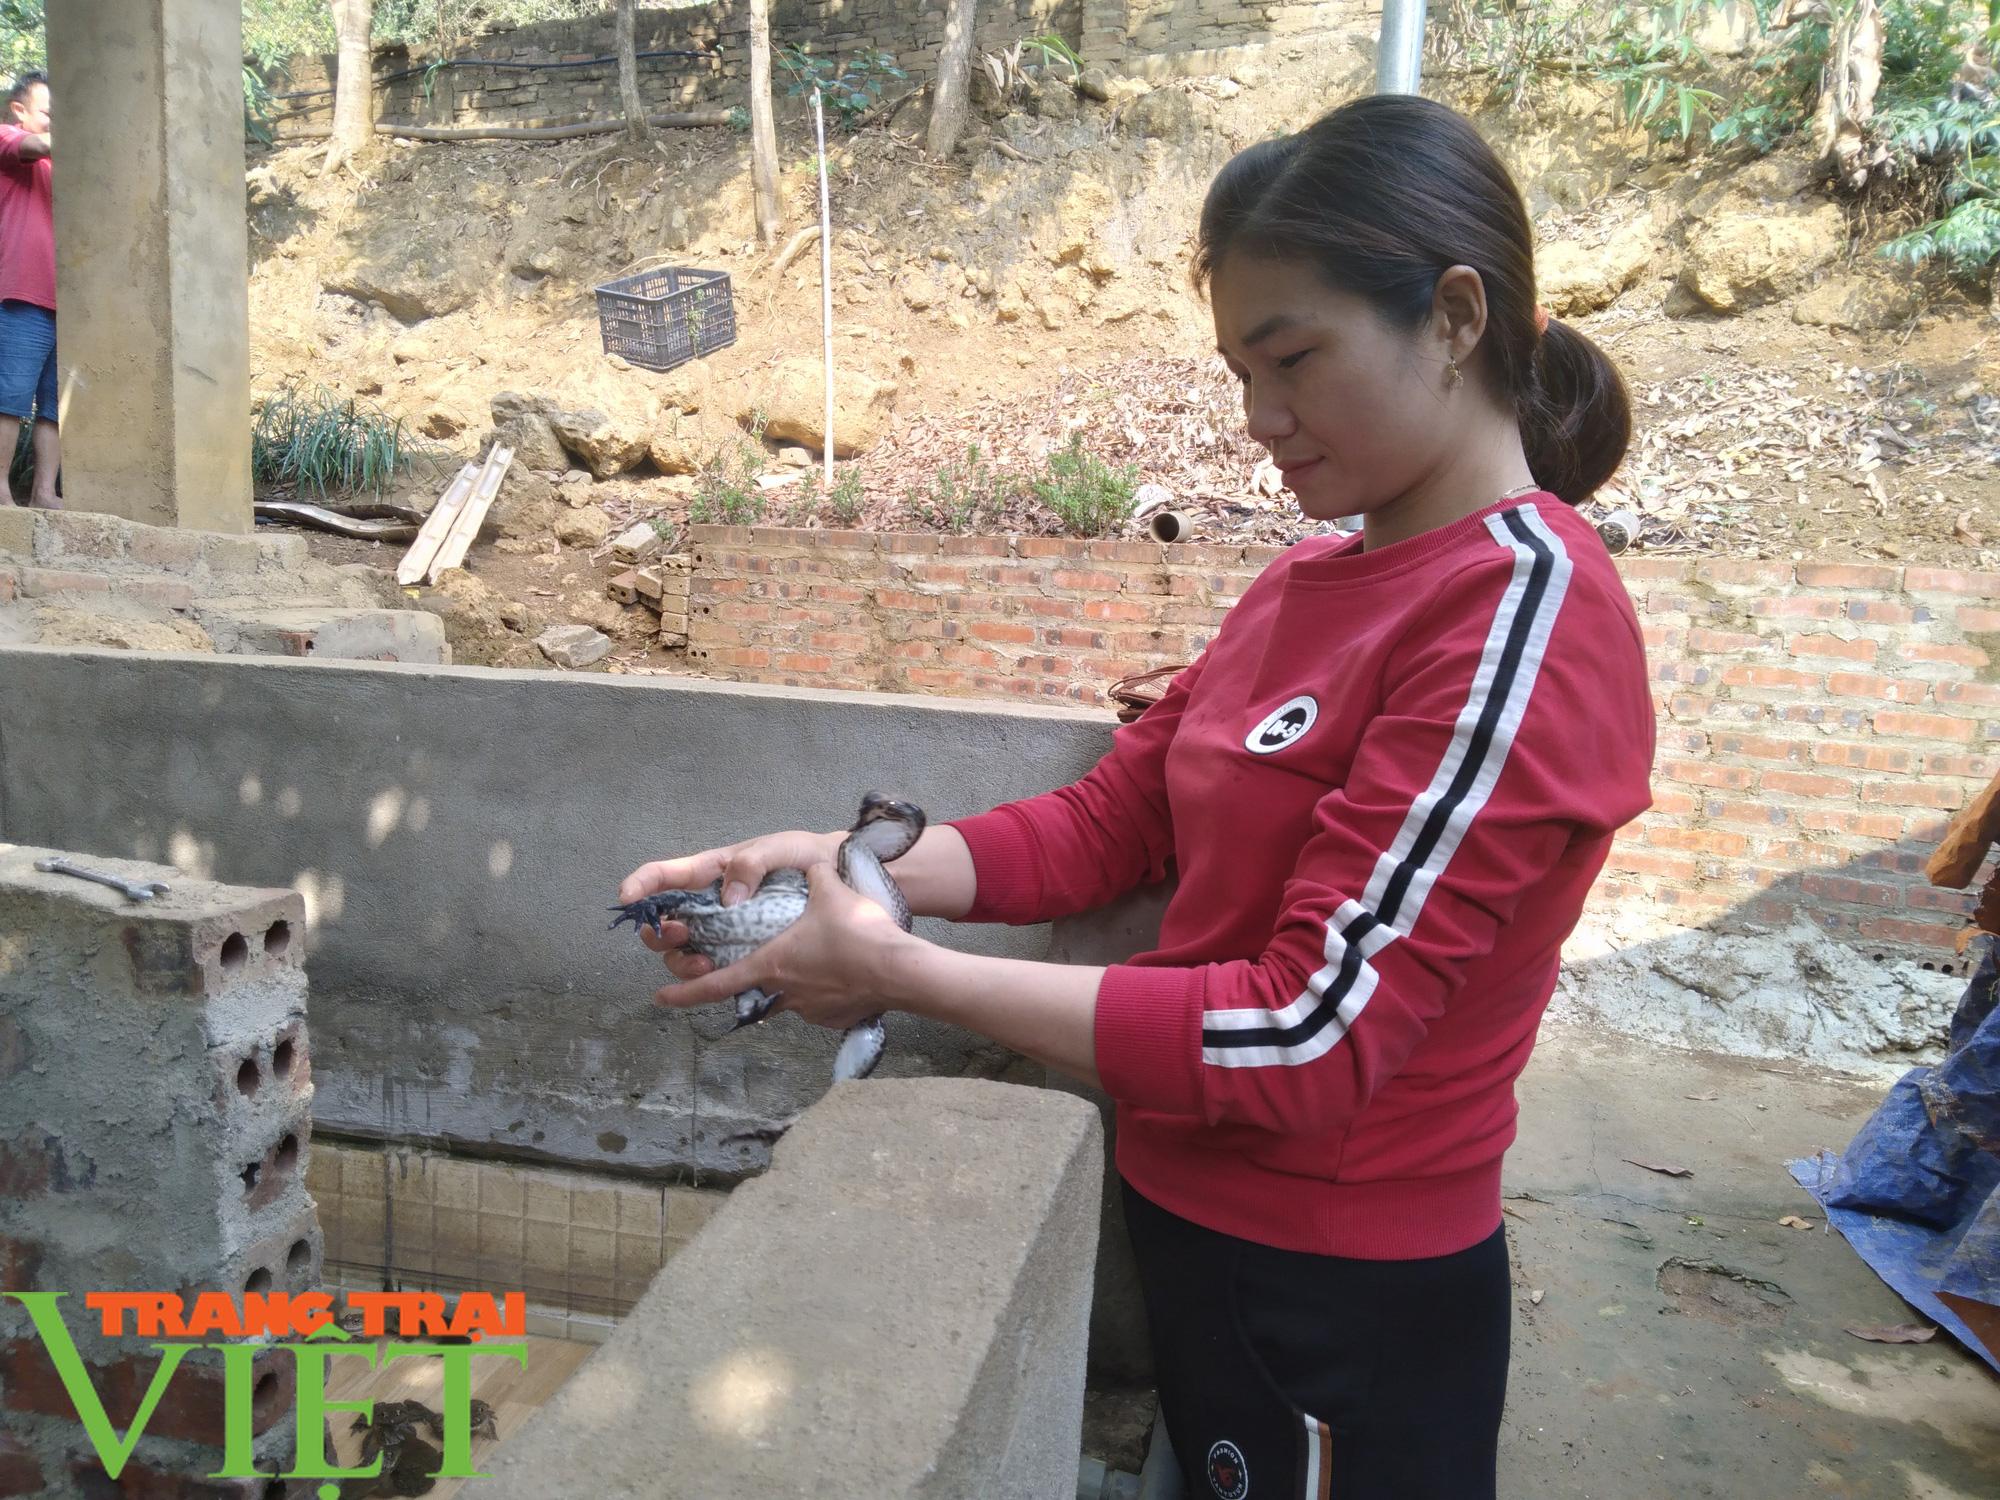 Nuôi ếch kết hợp trồng nấm sò, hội viên nông dân bỏ túi trên trăm triệu mỗi năm - Ảnh 1.